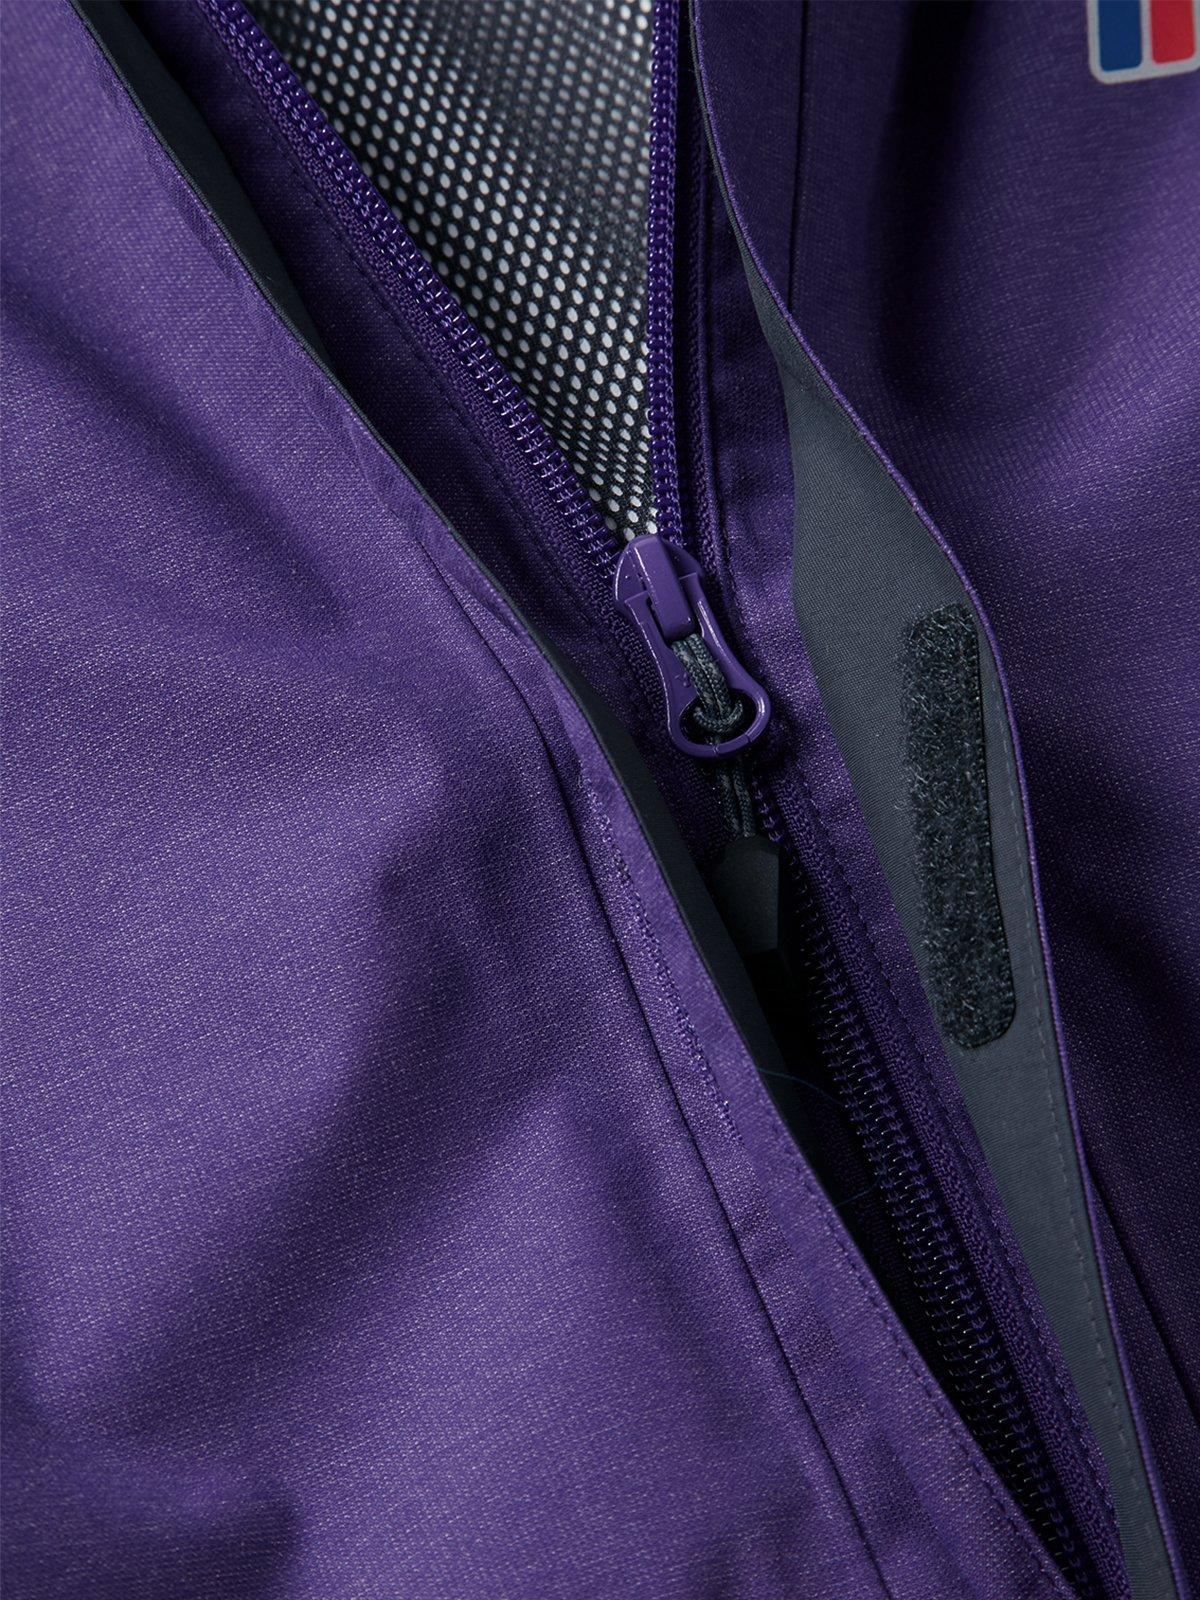 91b4j431f6L - Berghaus Women's Elara Waterproof Jacket